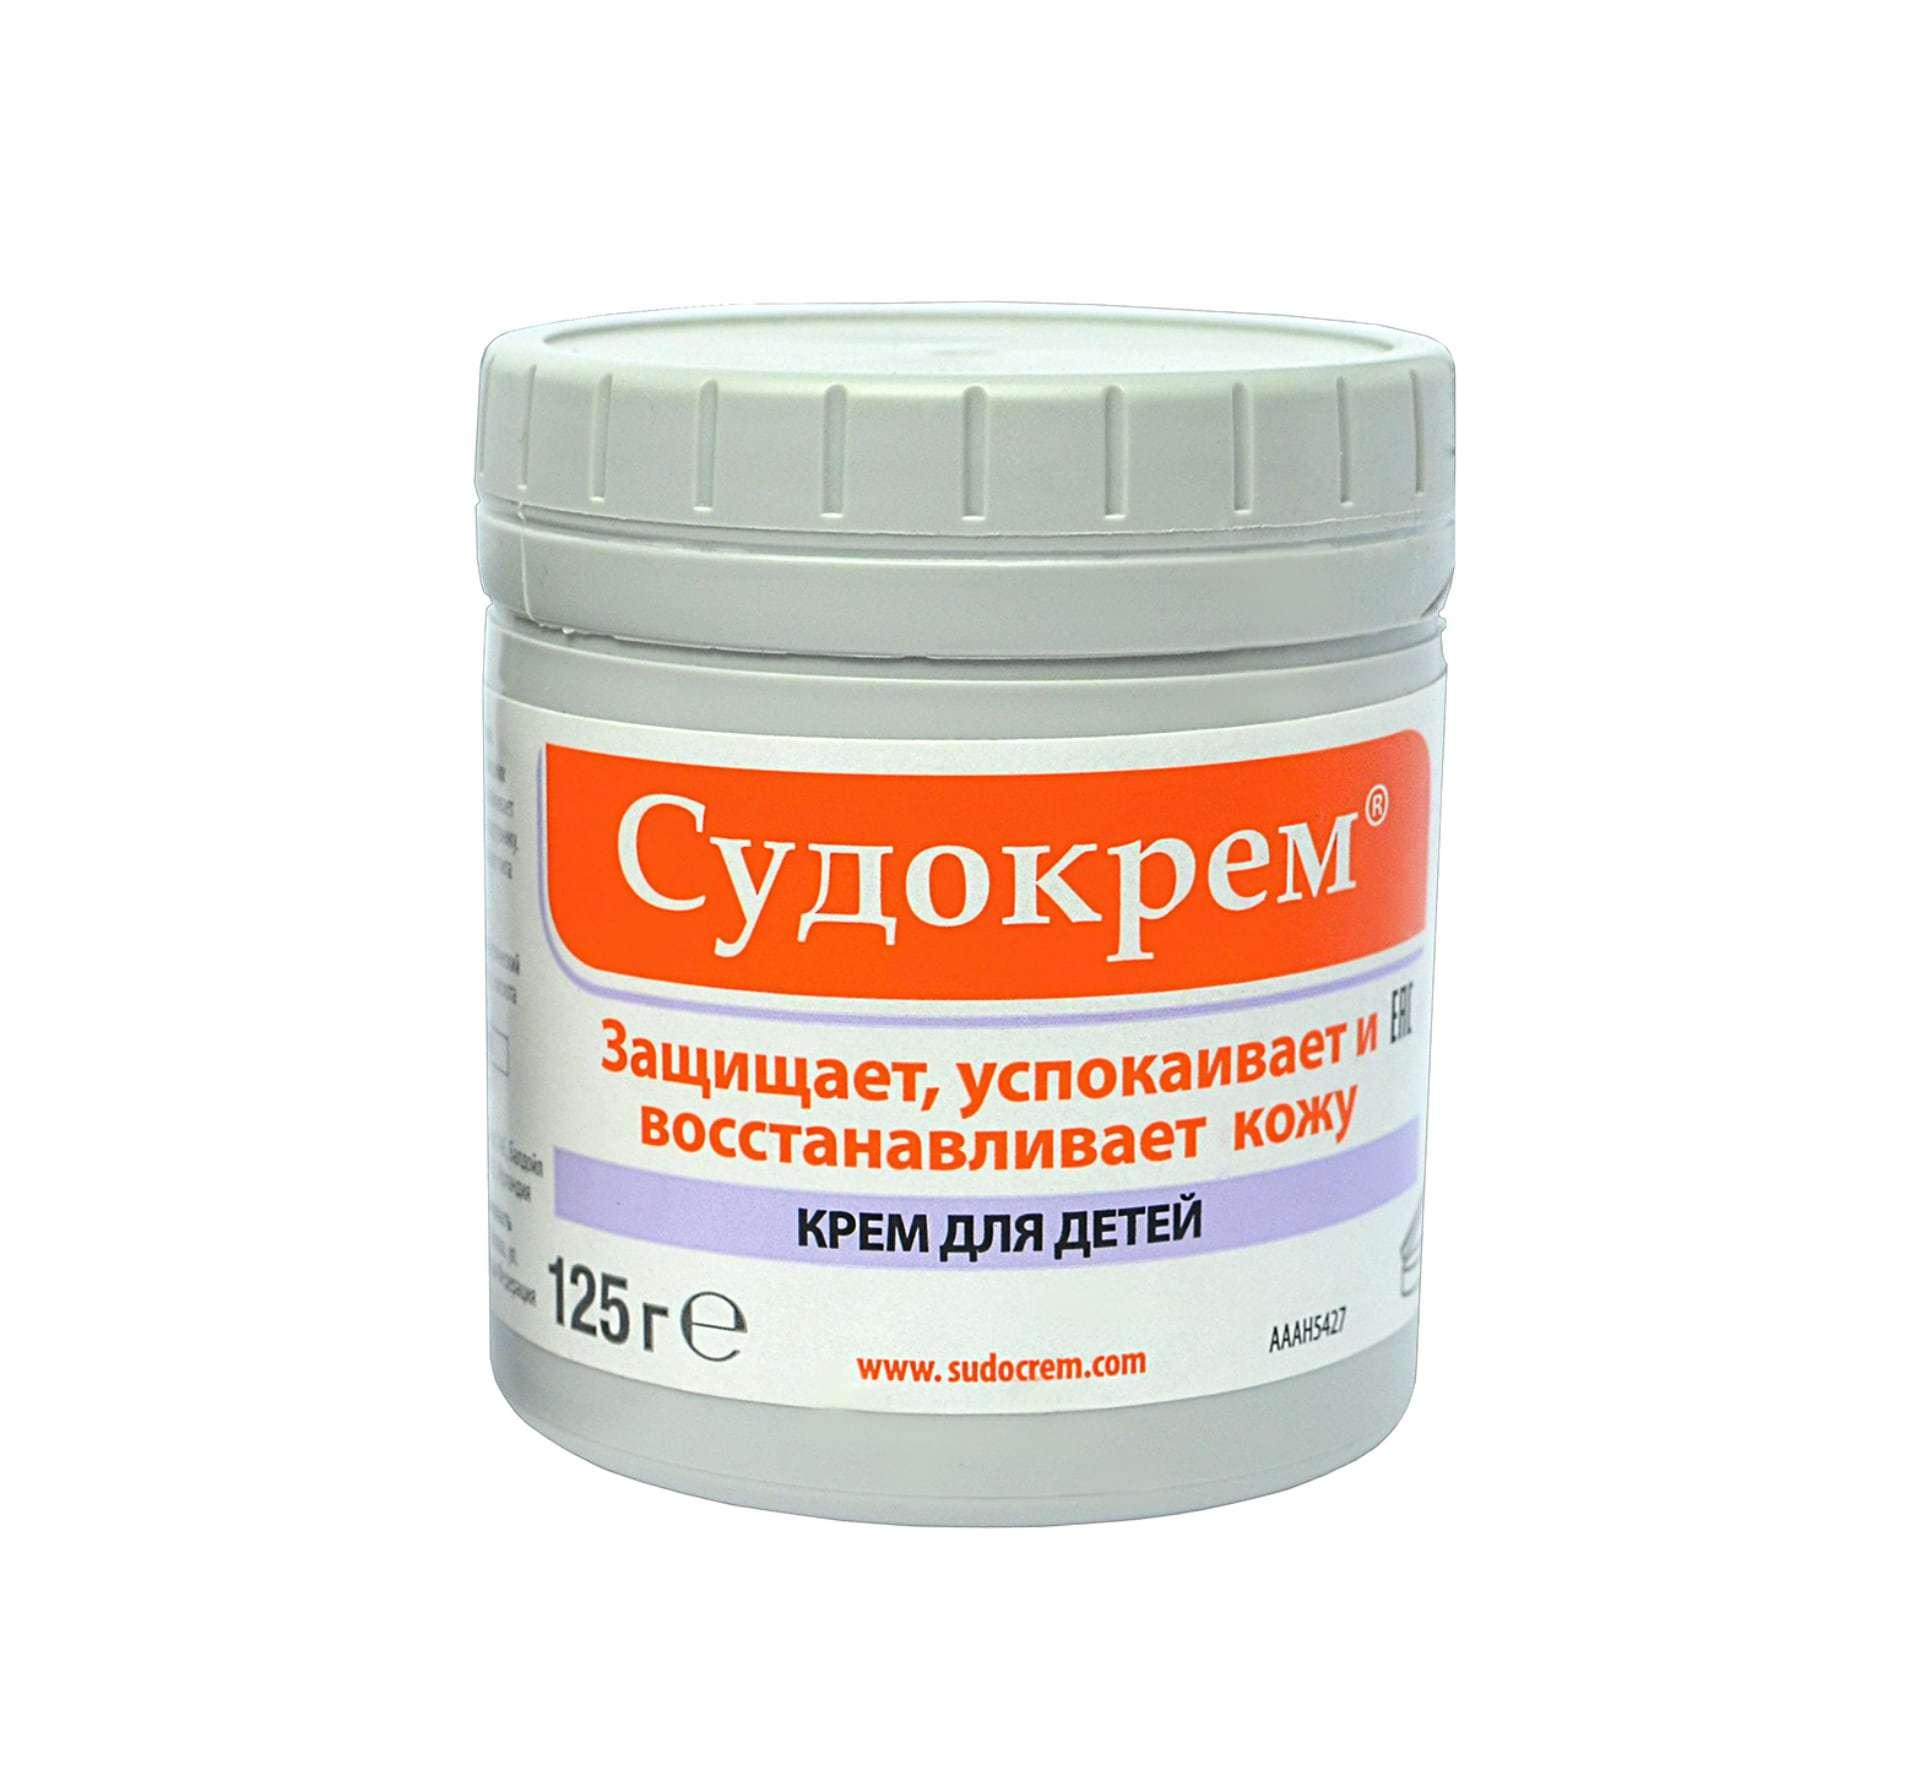 Крем Судокрем с оксидом цинка 125 г